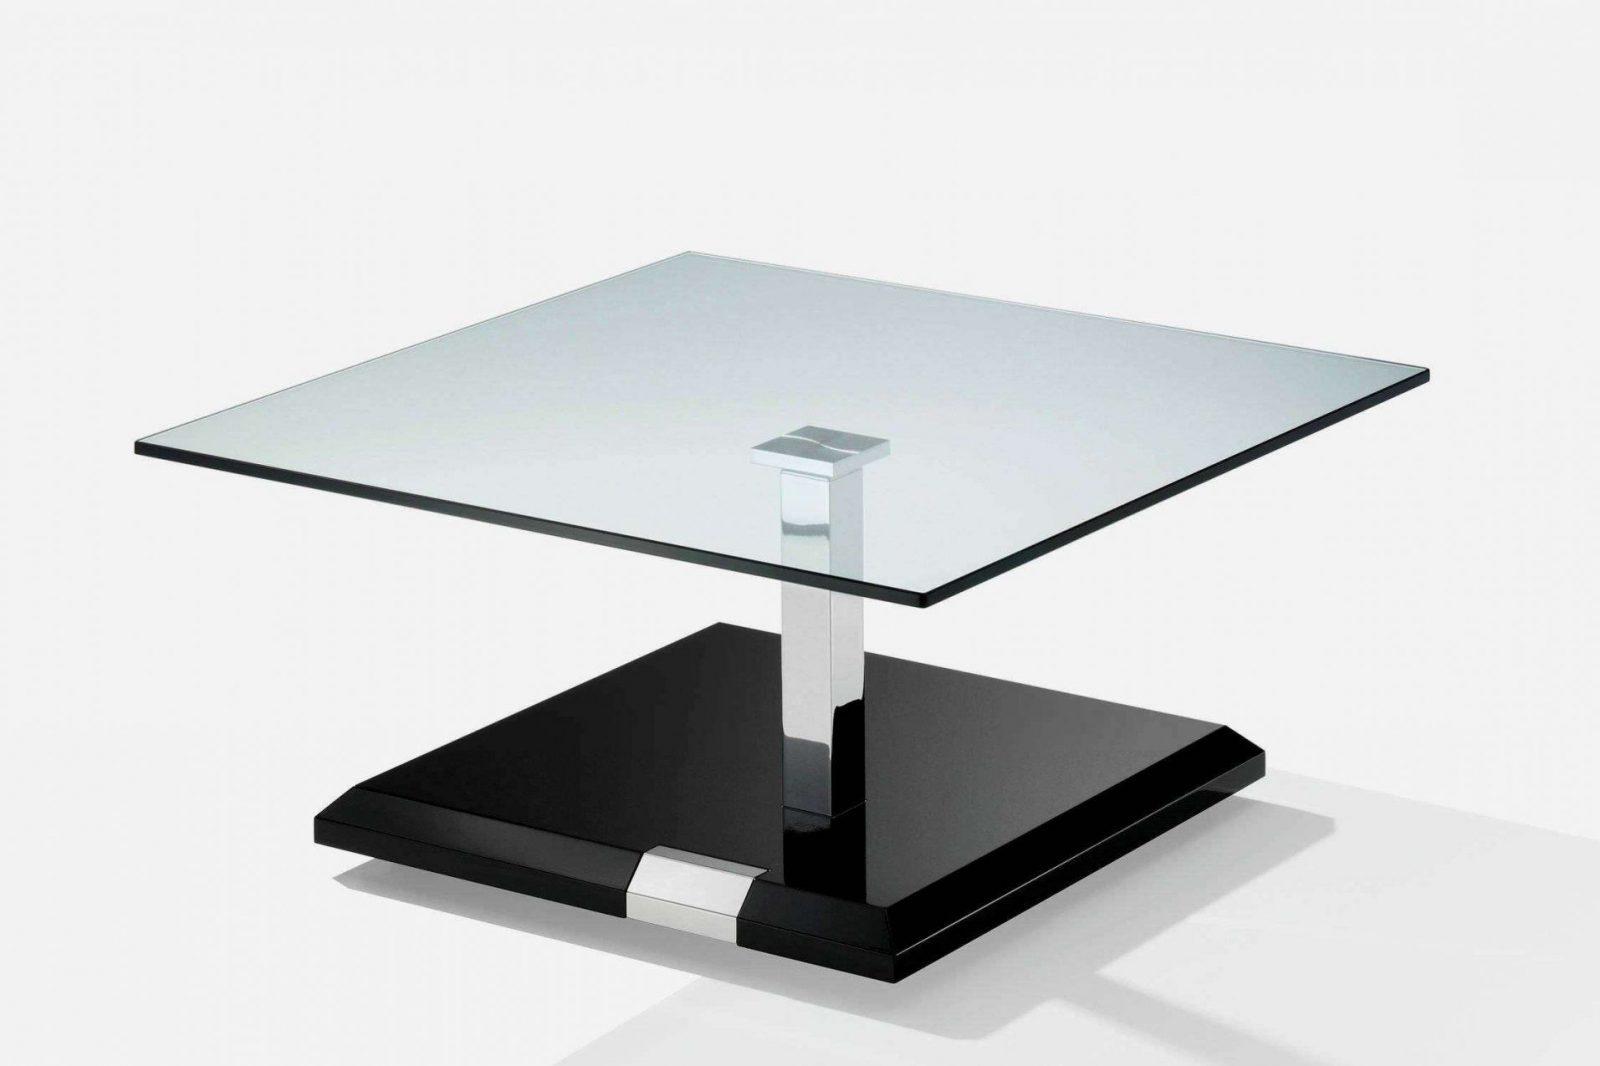 48 Inspirierend Couchtisch Höhenverstellbar Glas Foto  Das Beste von Couchtisch Mit Rollen Höhenverstellbar Photo